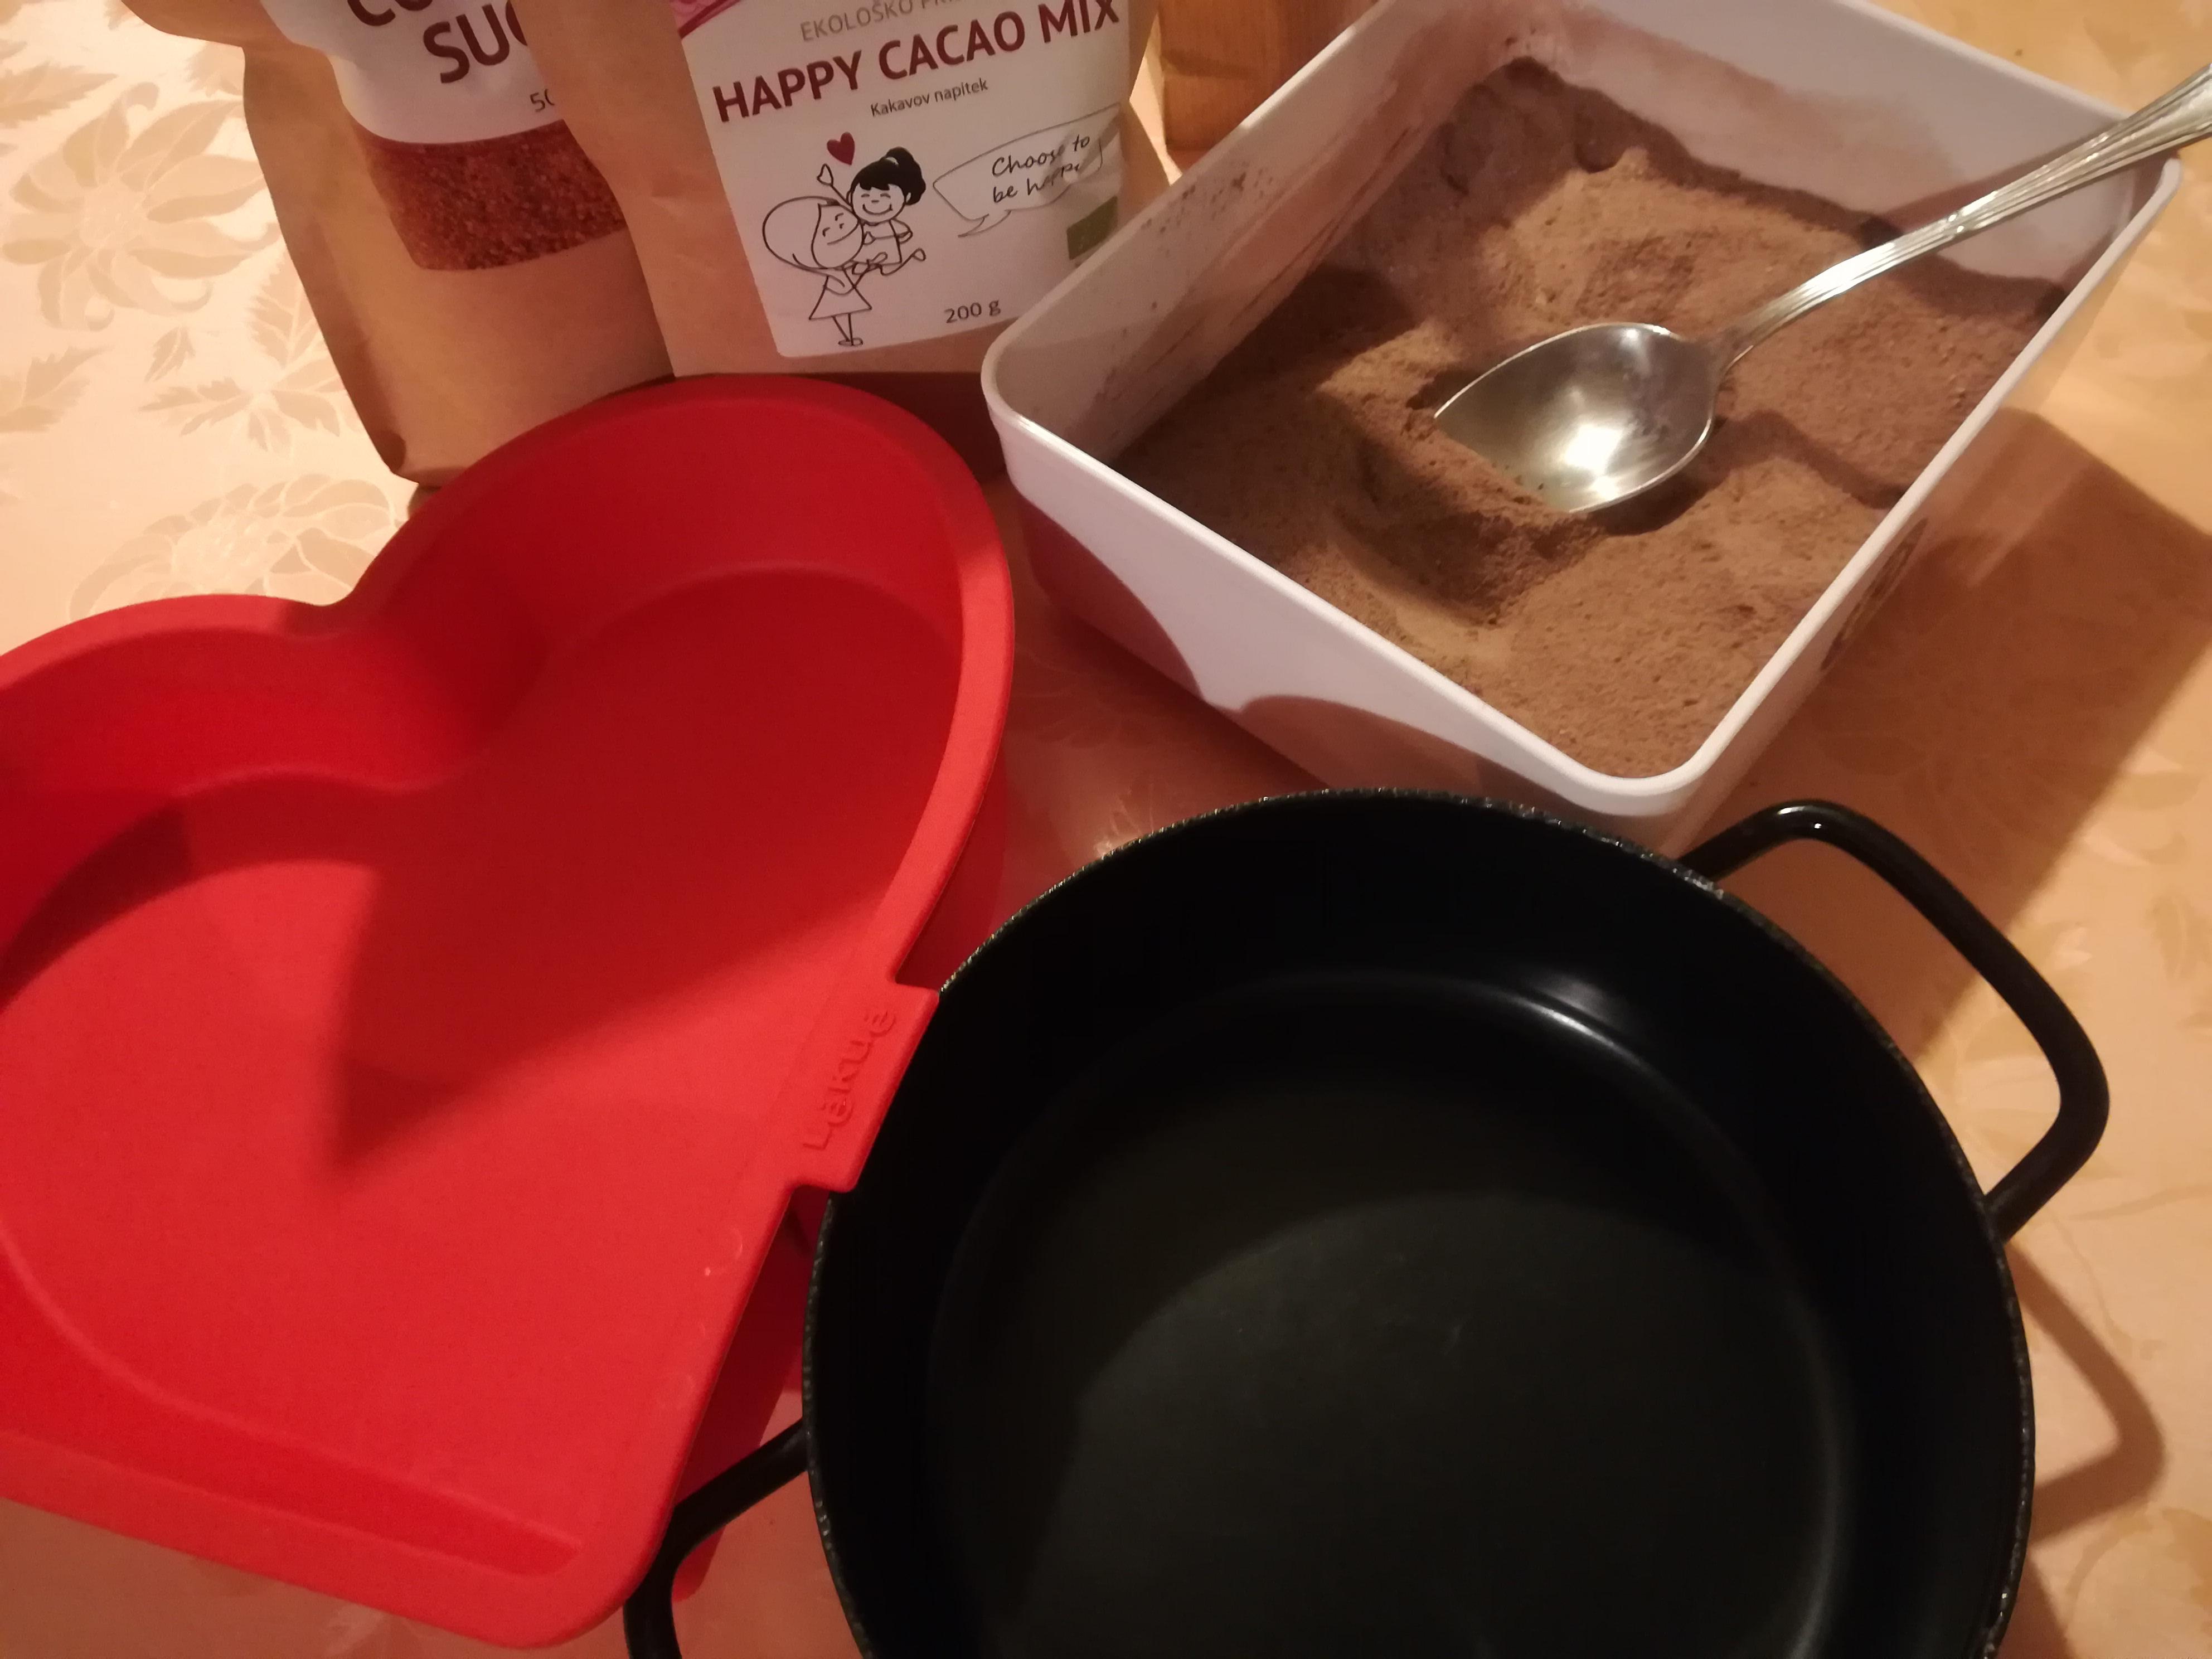 Čokolada pripravljena v EMO posodi